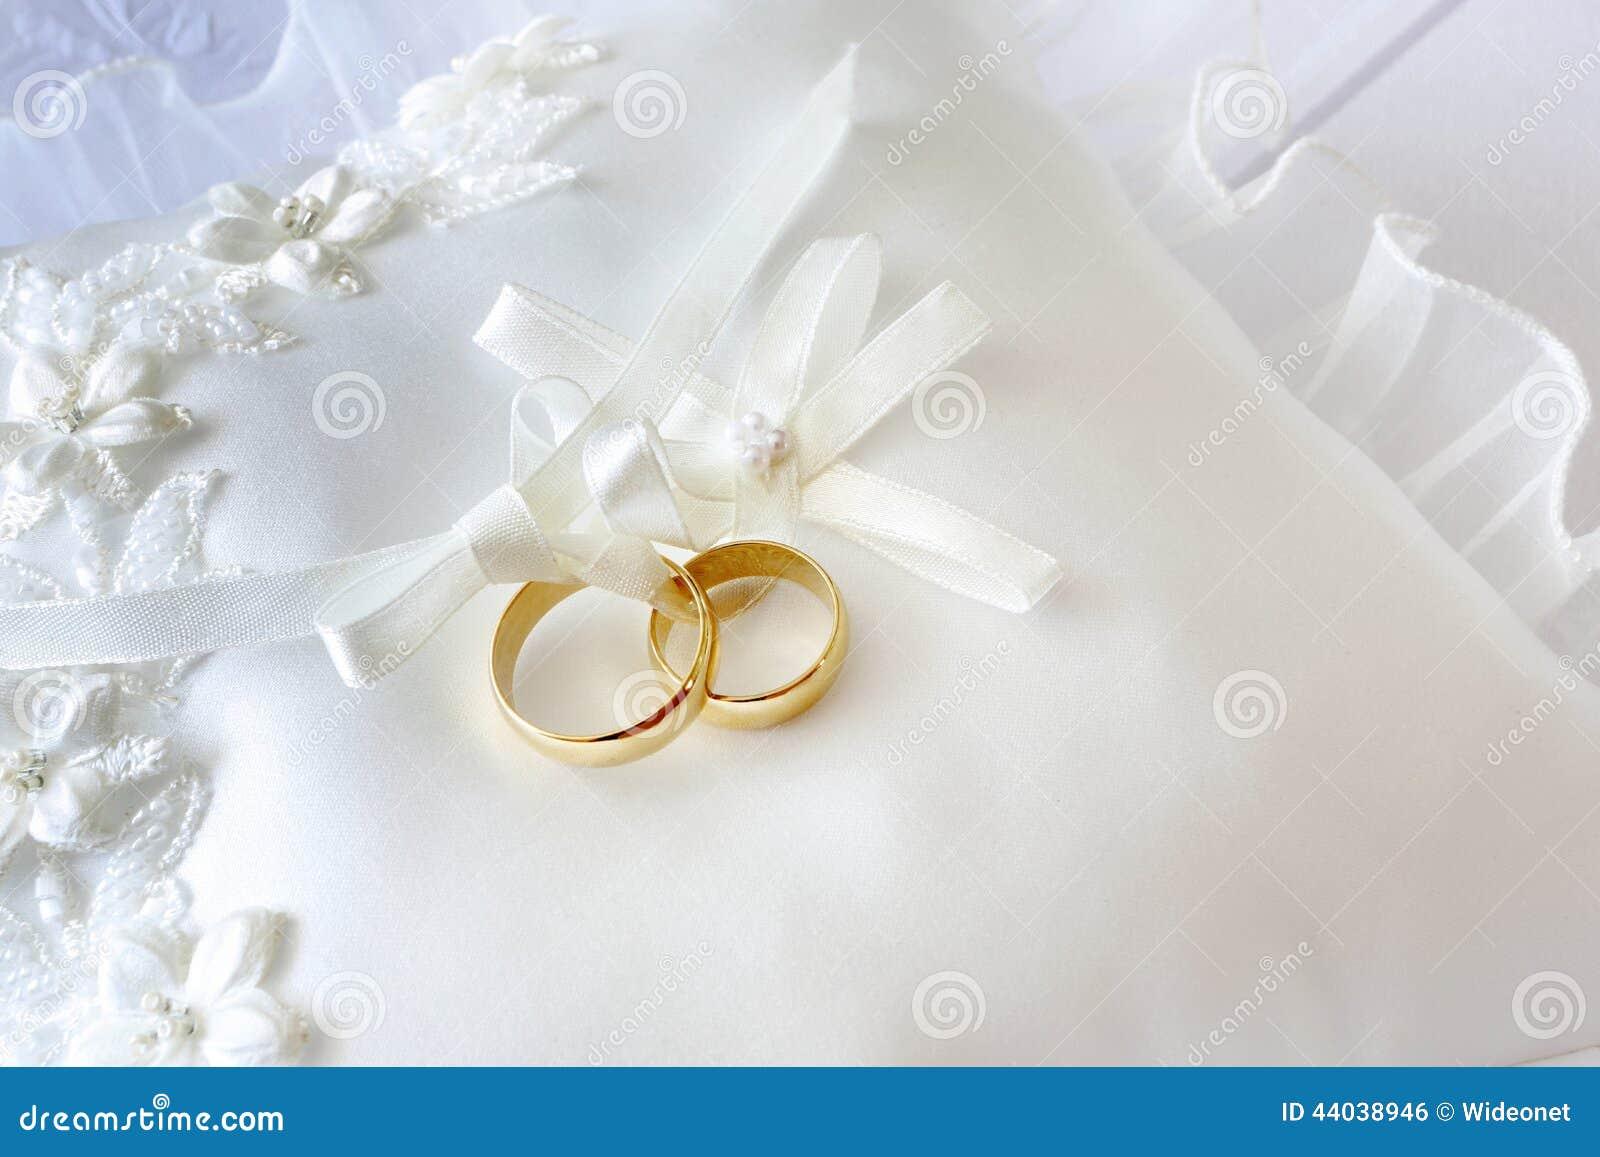 Guld Kudde materielbilder - royalty för nedladdning 7 3e37088d4adca